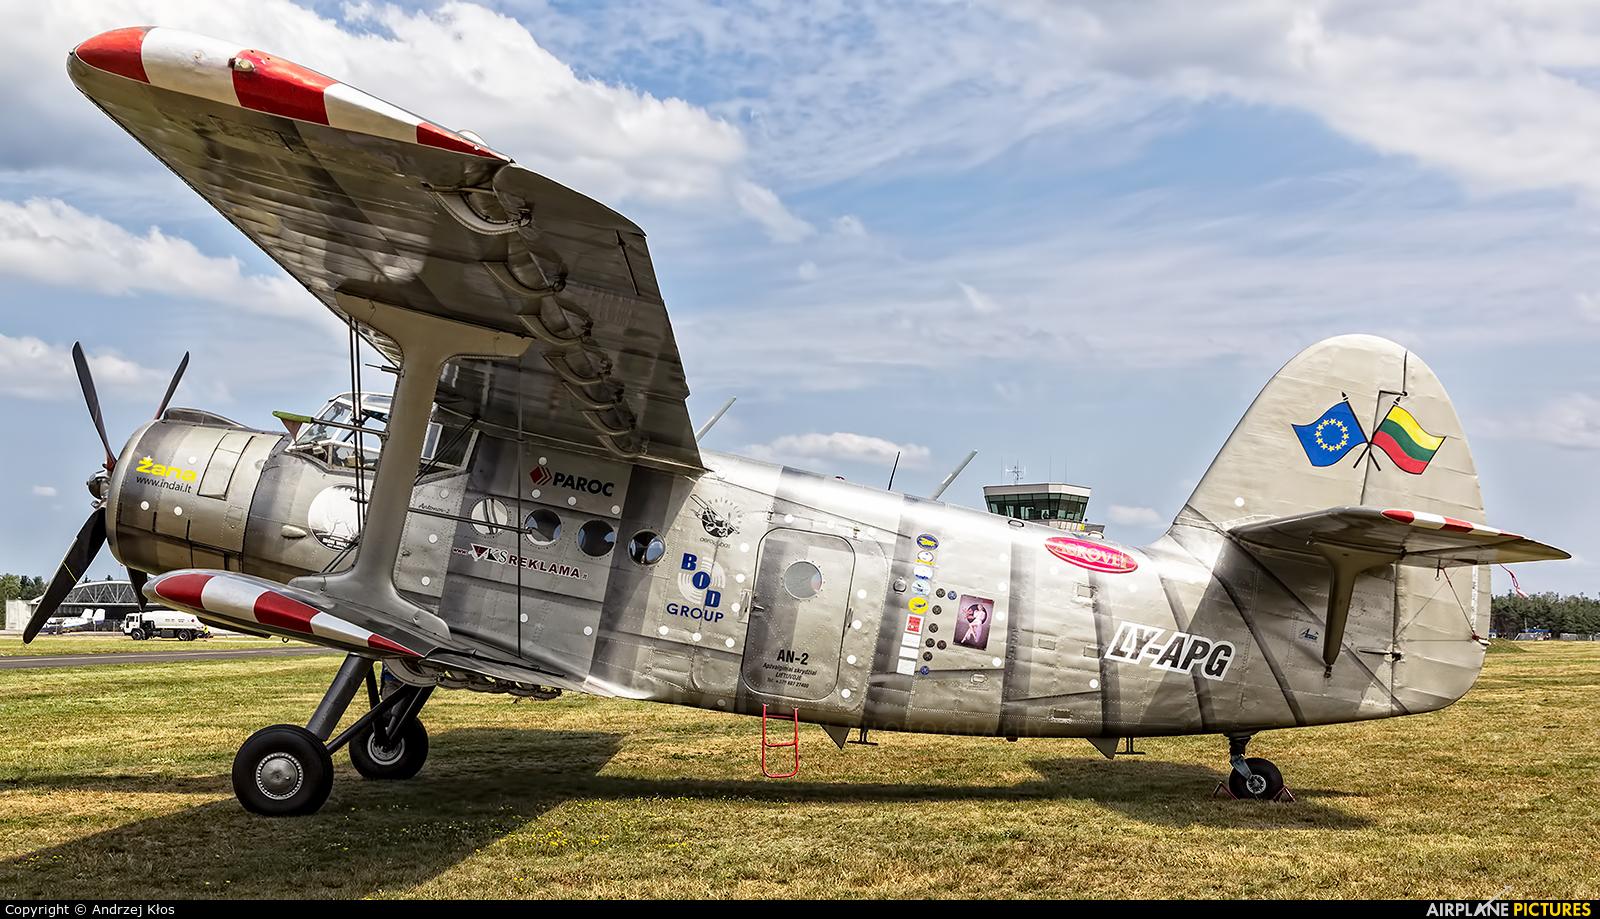 Private LY-APG aircraft at Mielec